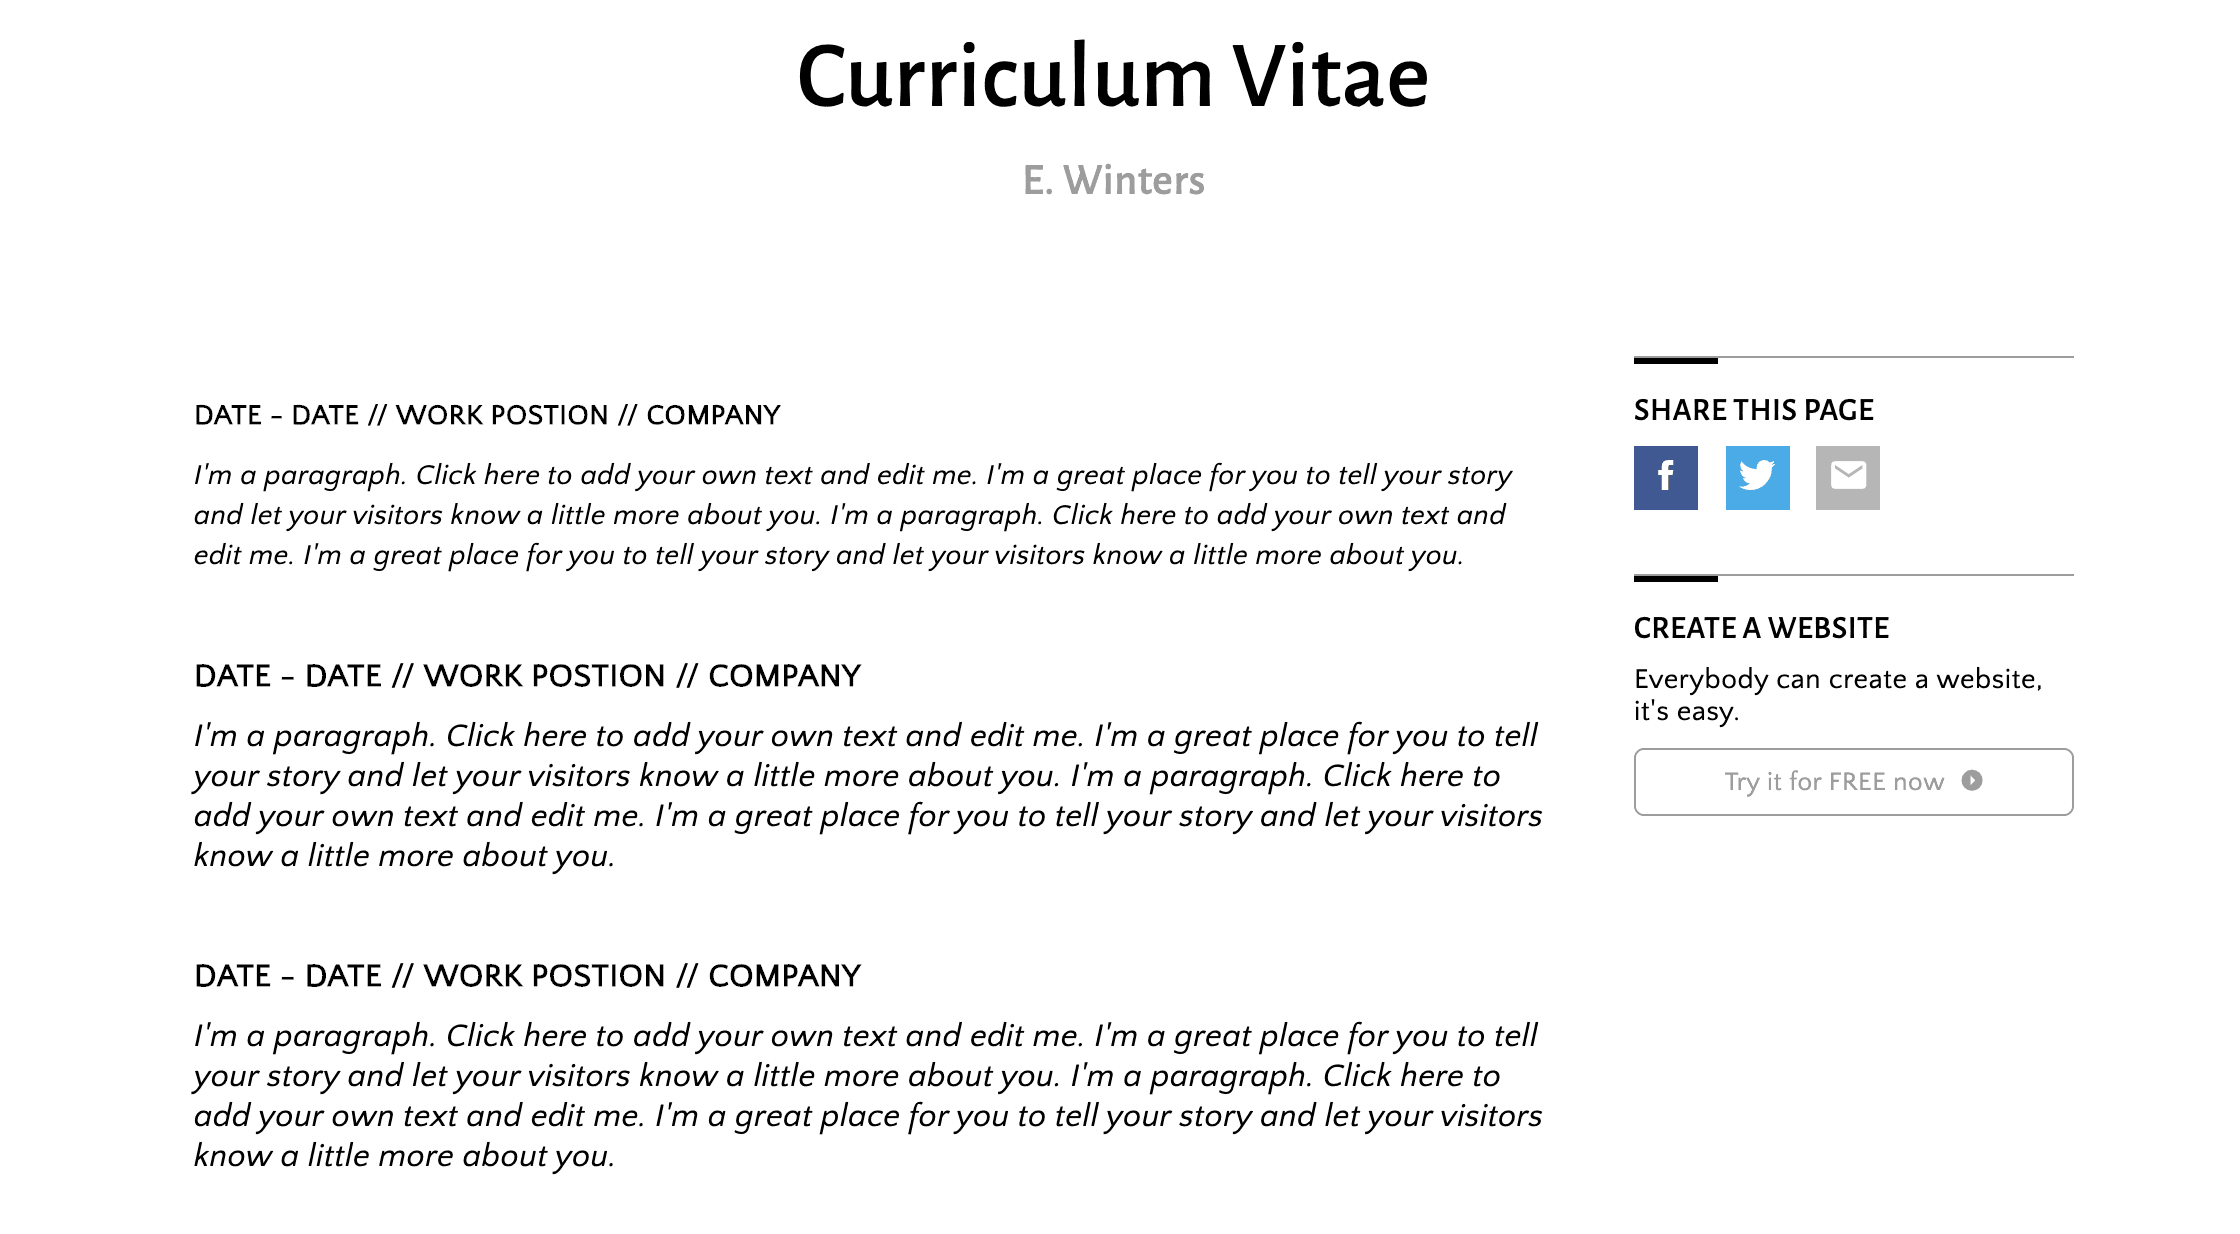 SimpleSite Curriculum Vitae theme